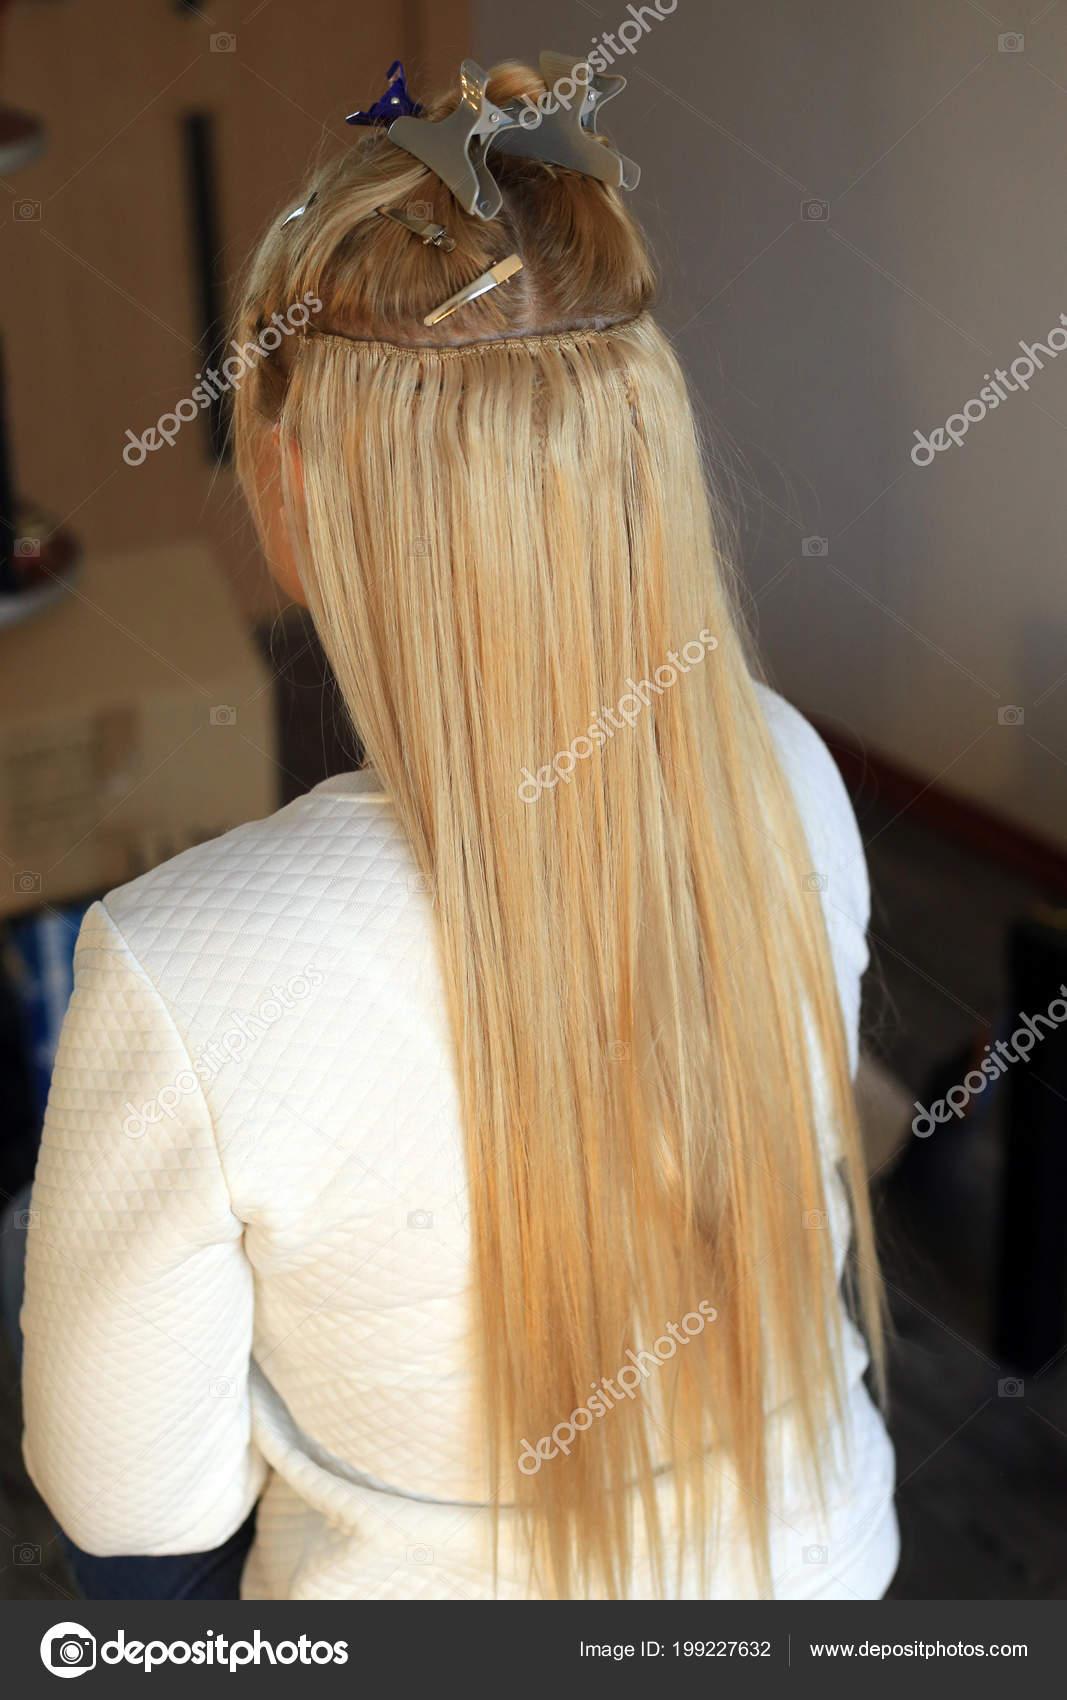 Haarverlangerung in afro shop